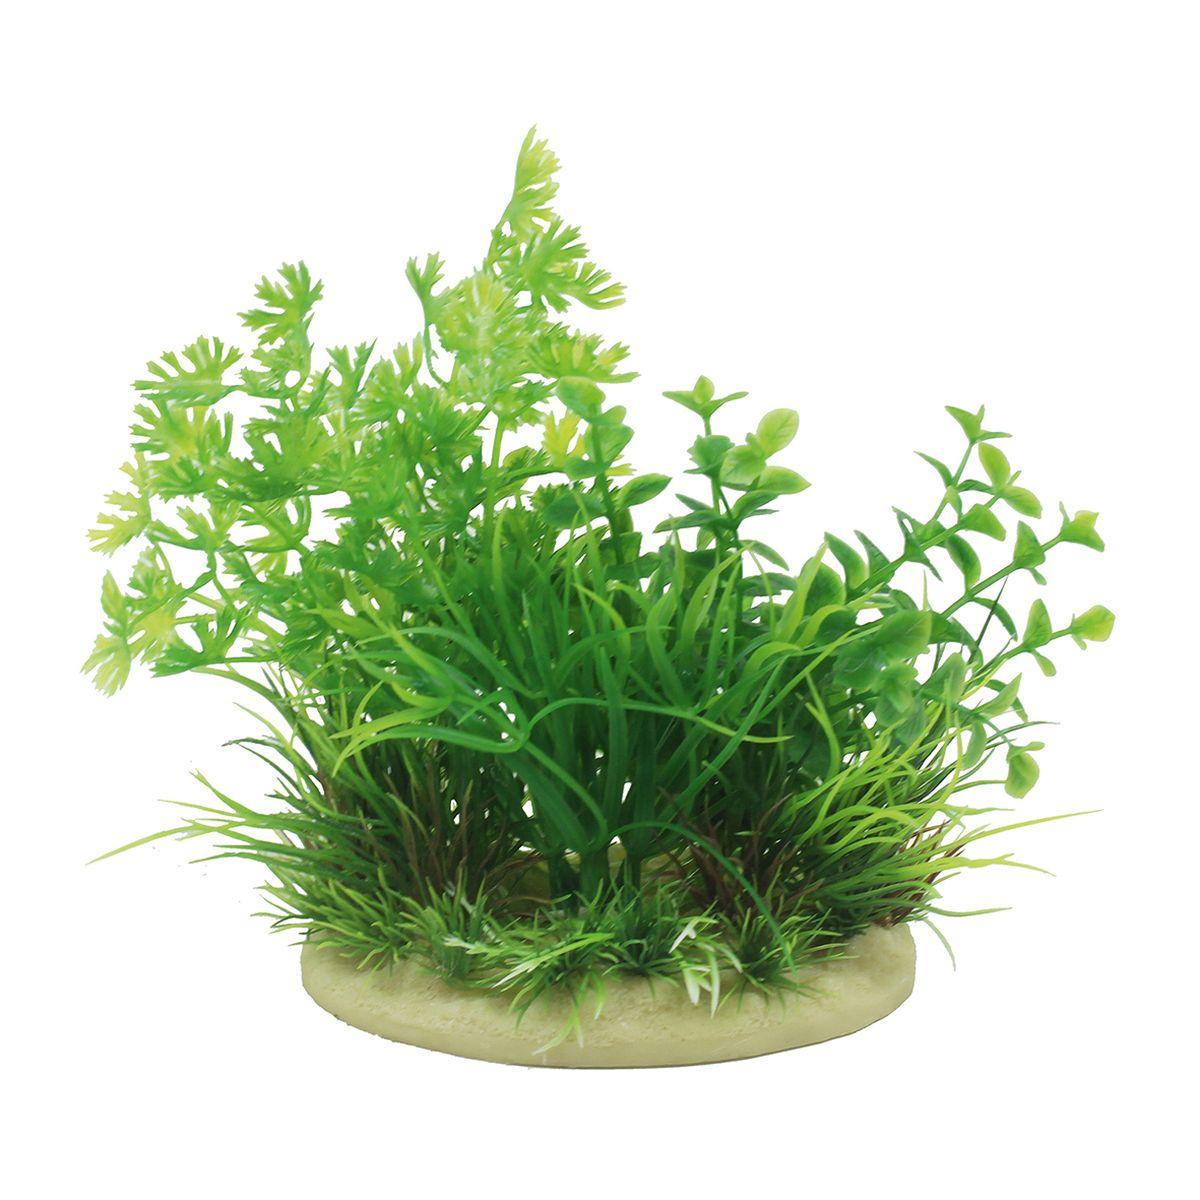 Растение для аквариума ArtUniq Лютик водный, высота 15 смART-1160116Растение для аквариума ArtUniq Лютик водный, высота 15 см